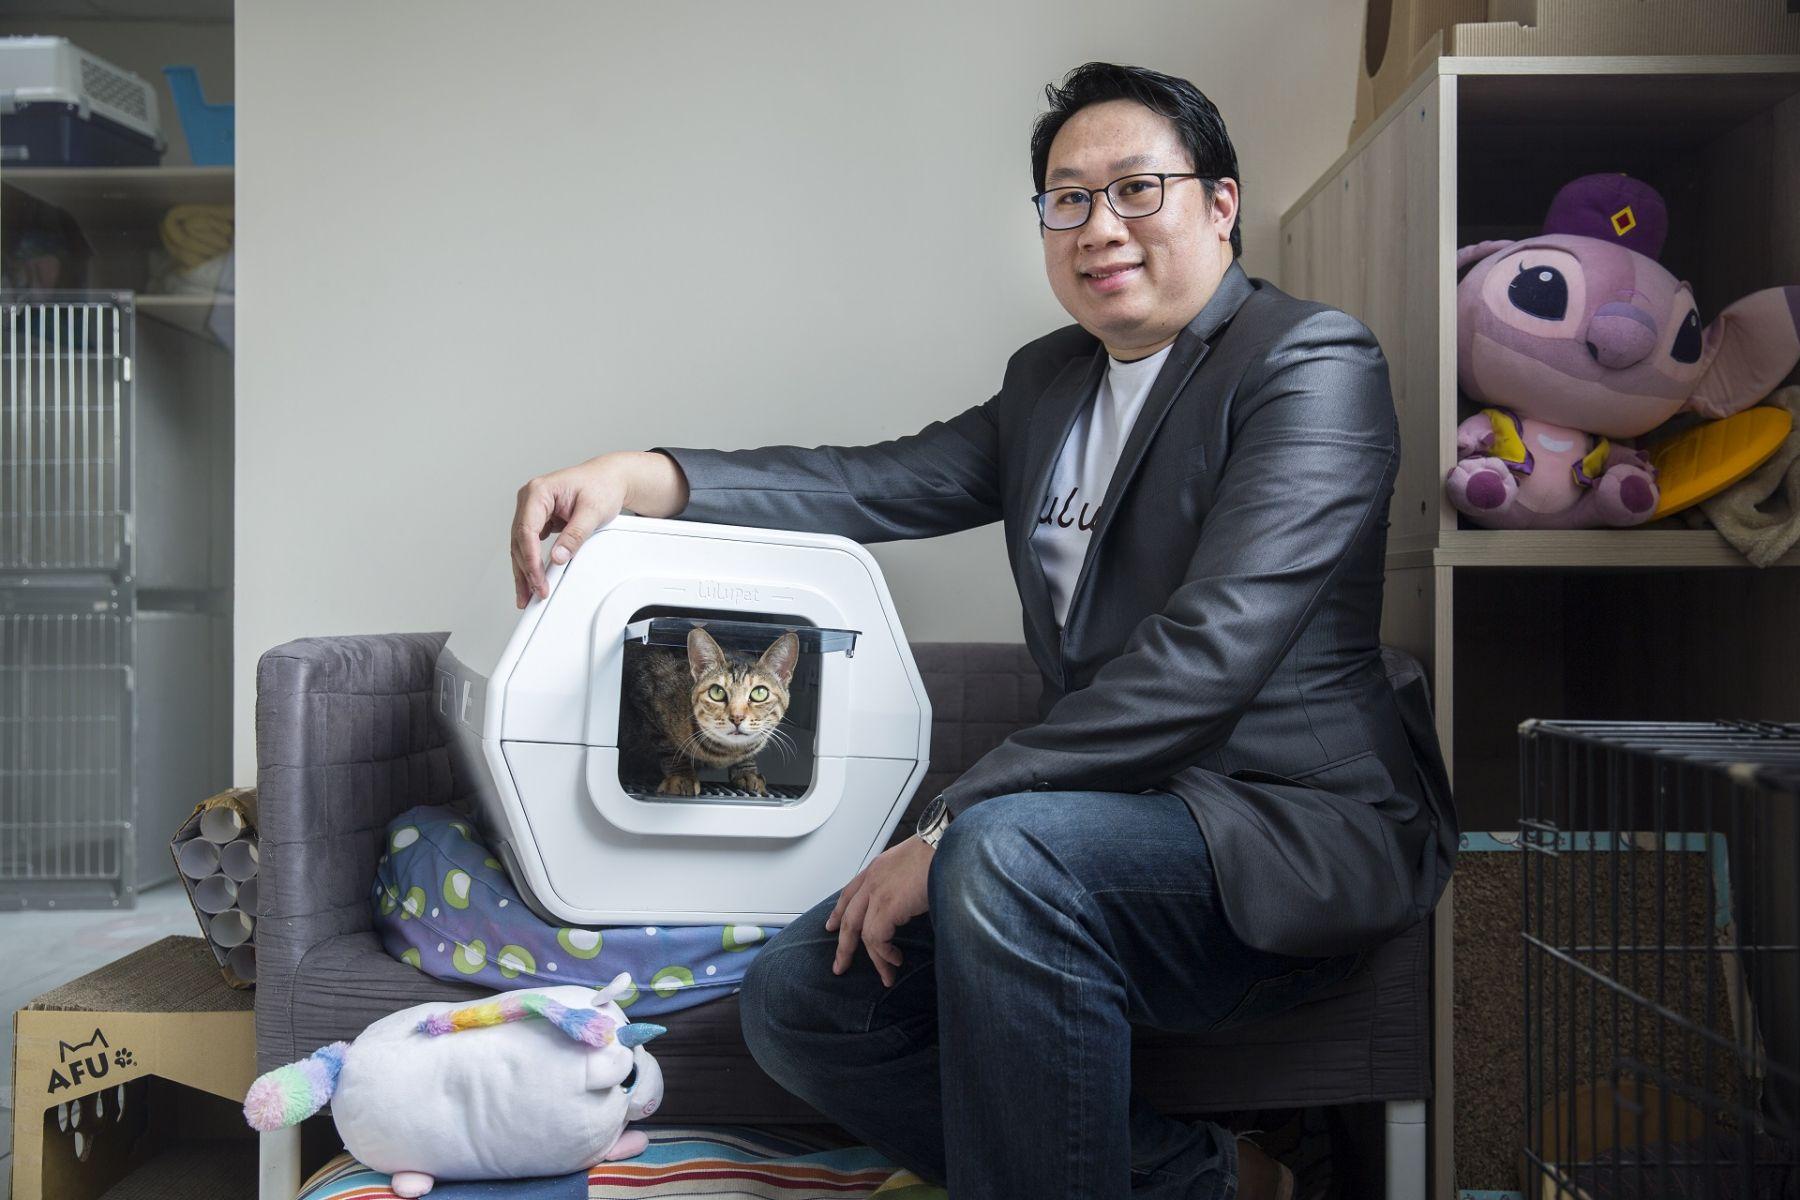 童年移民美國慘遭欺負,苦讀闖進矽谷⋯為何他決心返台創業,用「貓大便」挺進百億寵物商機?